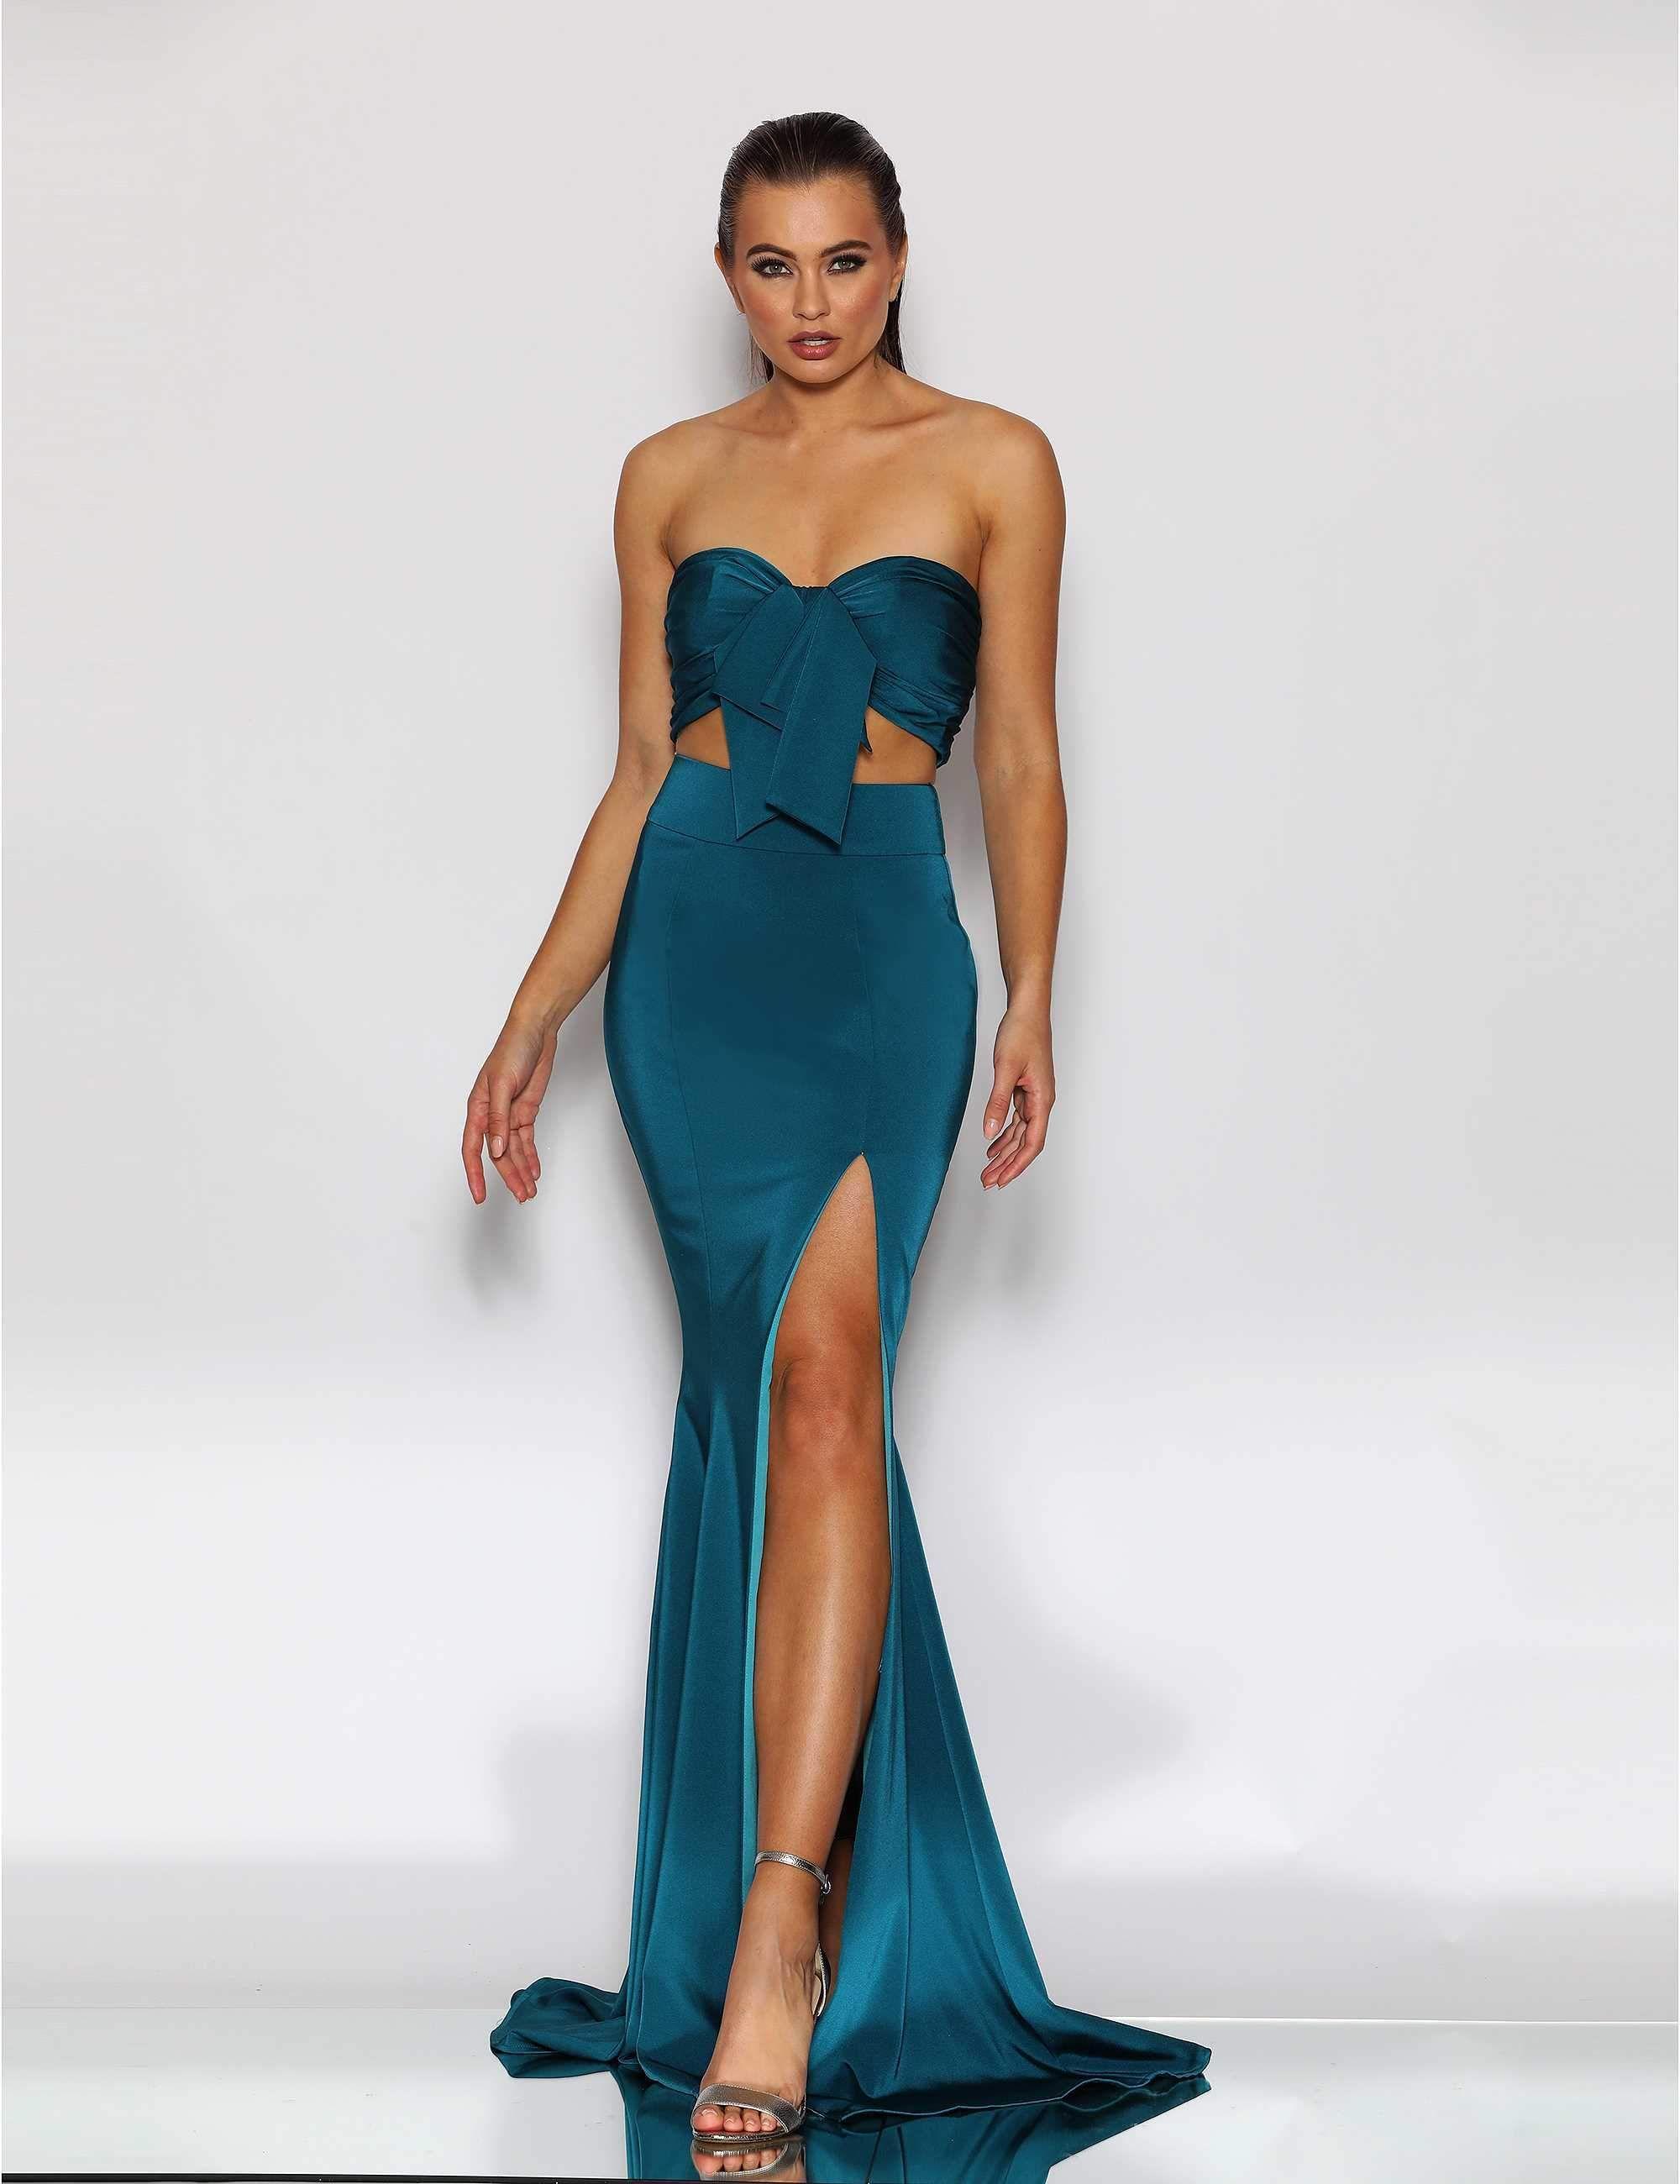 Jadore jx2043 teal tie up 2 piece set mermaid formal dress